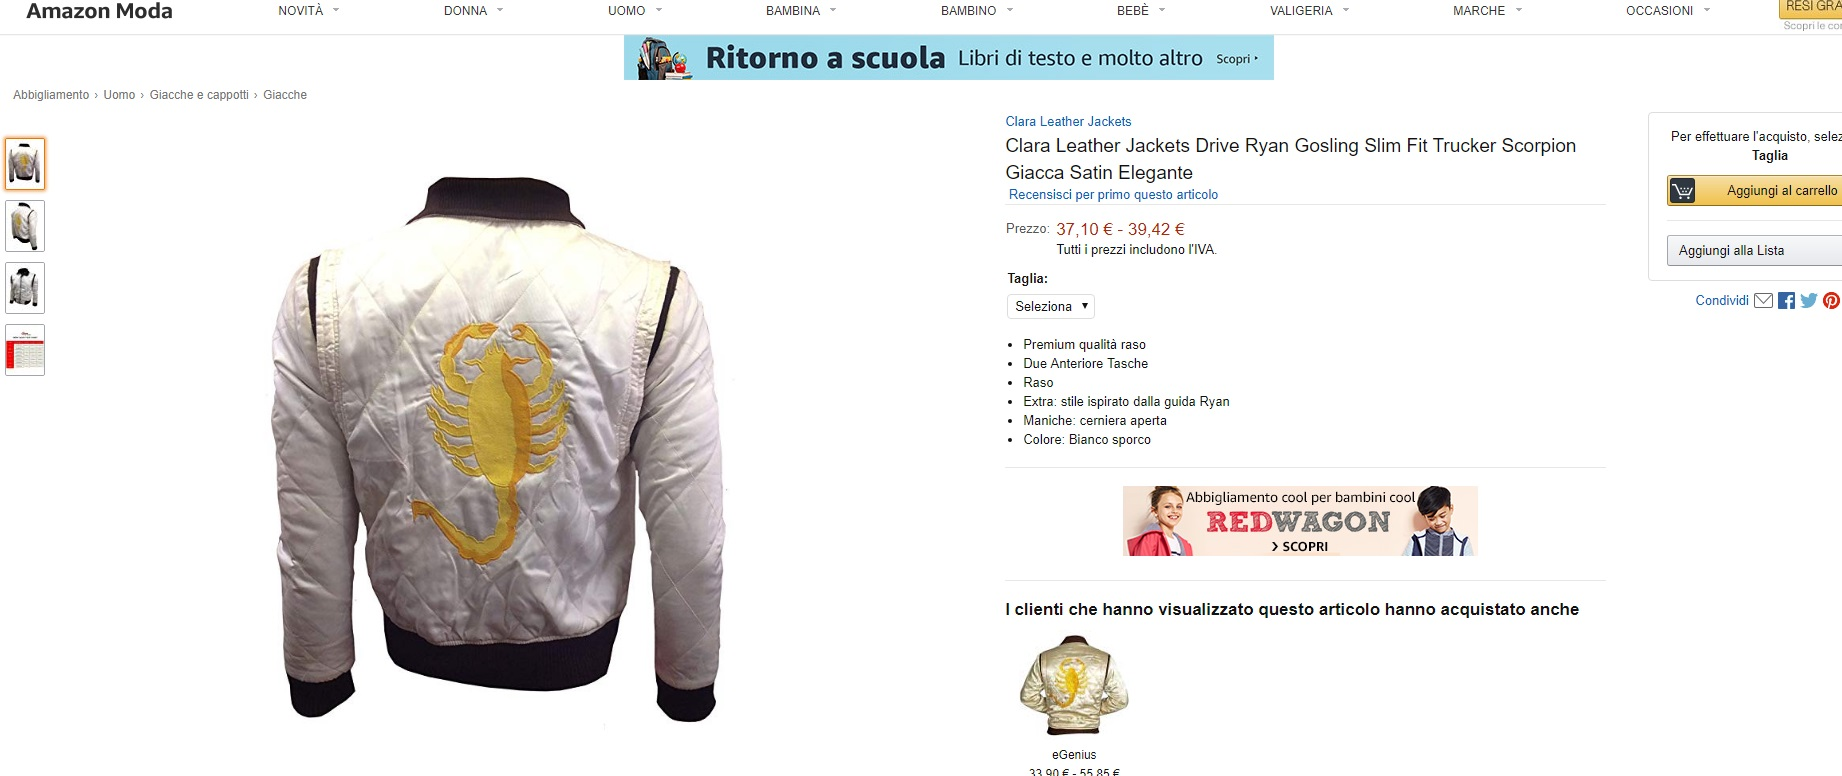 più vicino a amazon fascino dei costi atipico abbigliamento